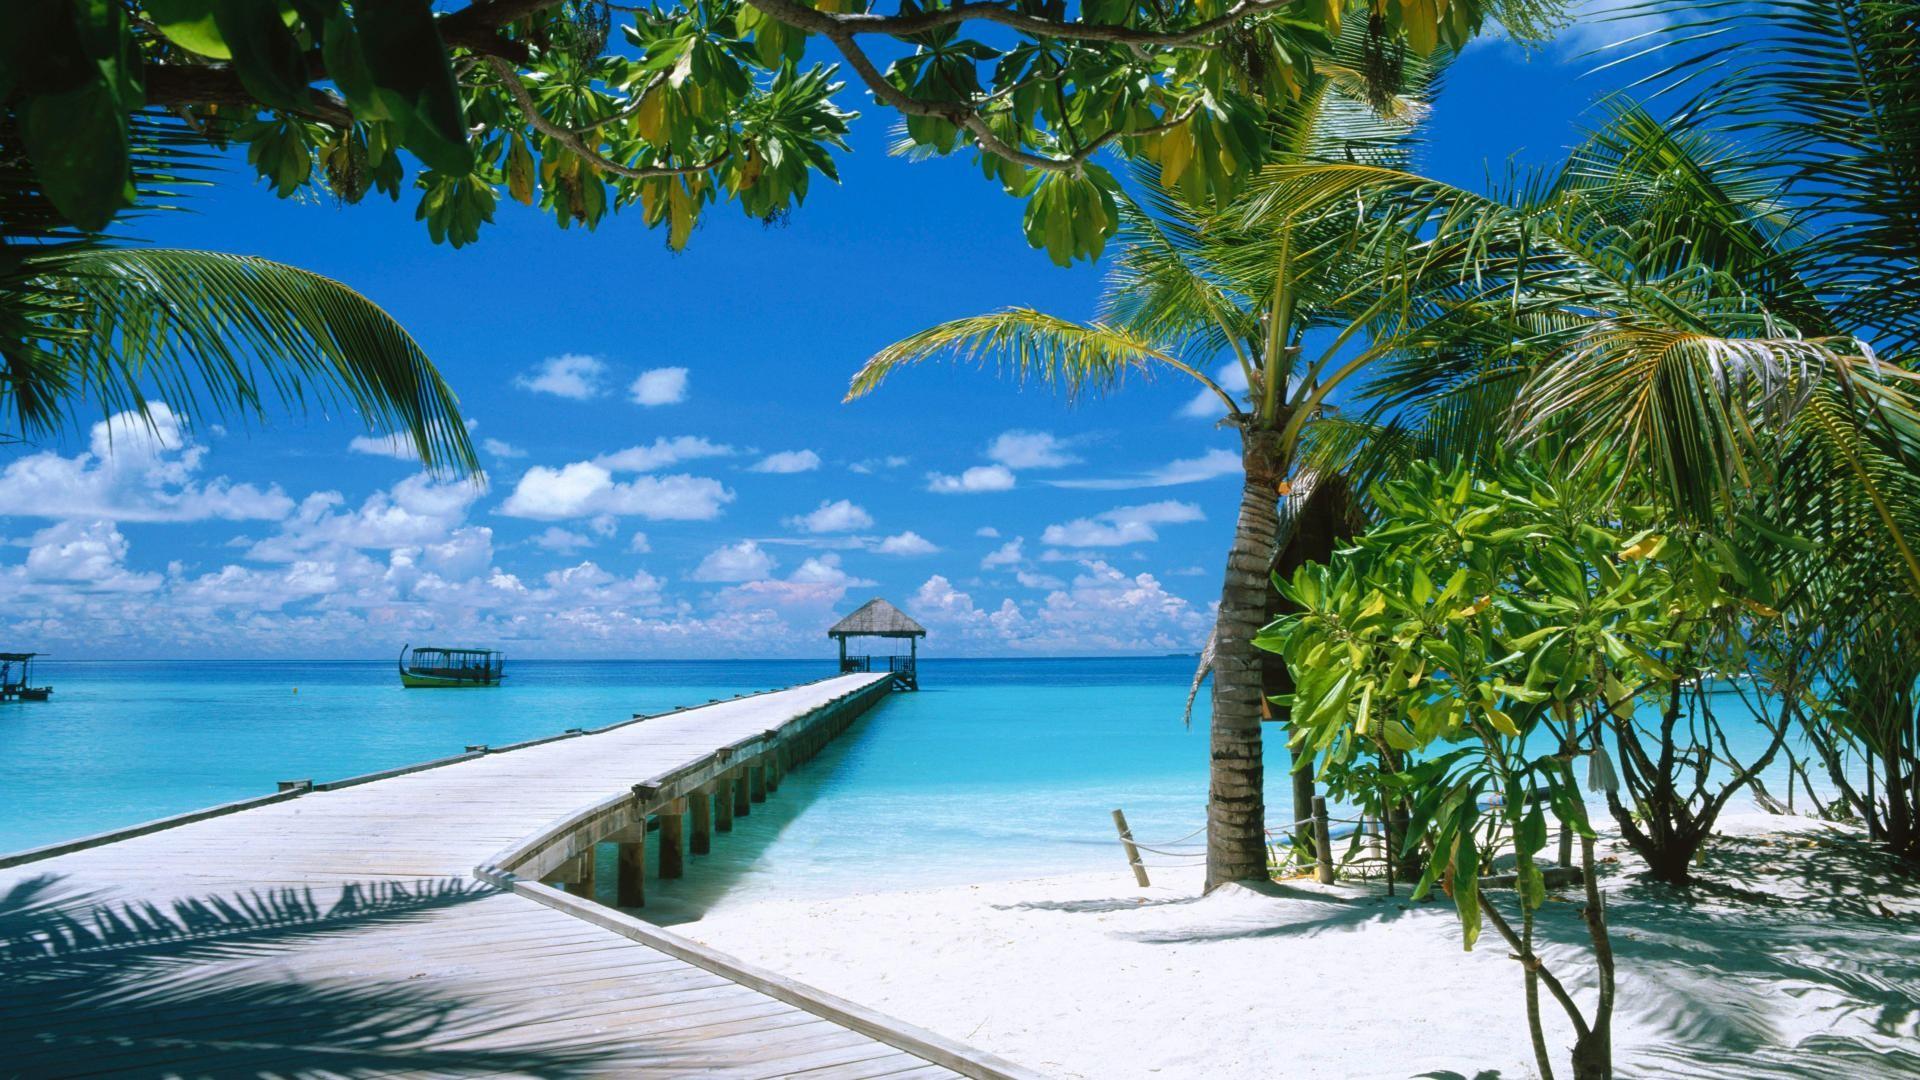 Ari Atoll, Maldives – Nature & Animal Wallpapers – Hi-Res Wildlife and .